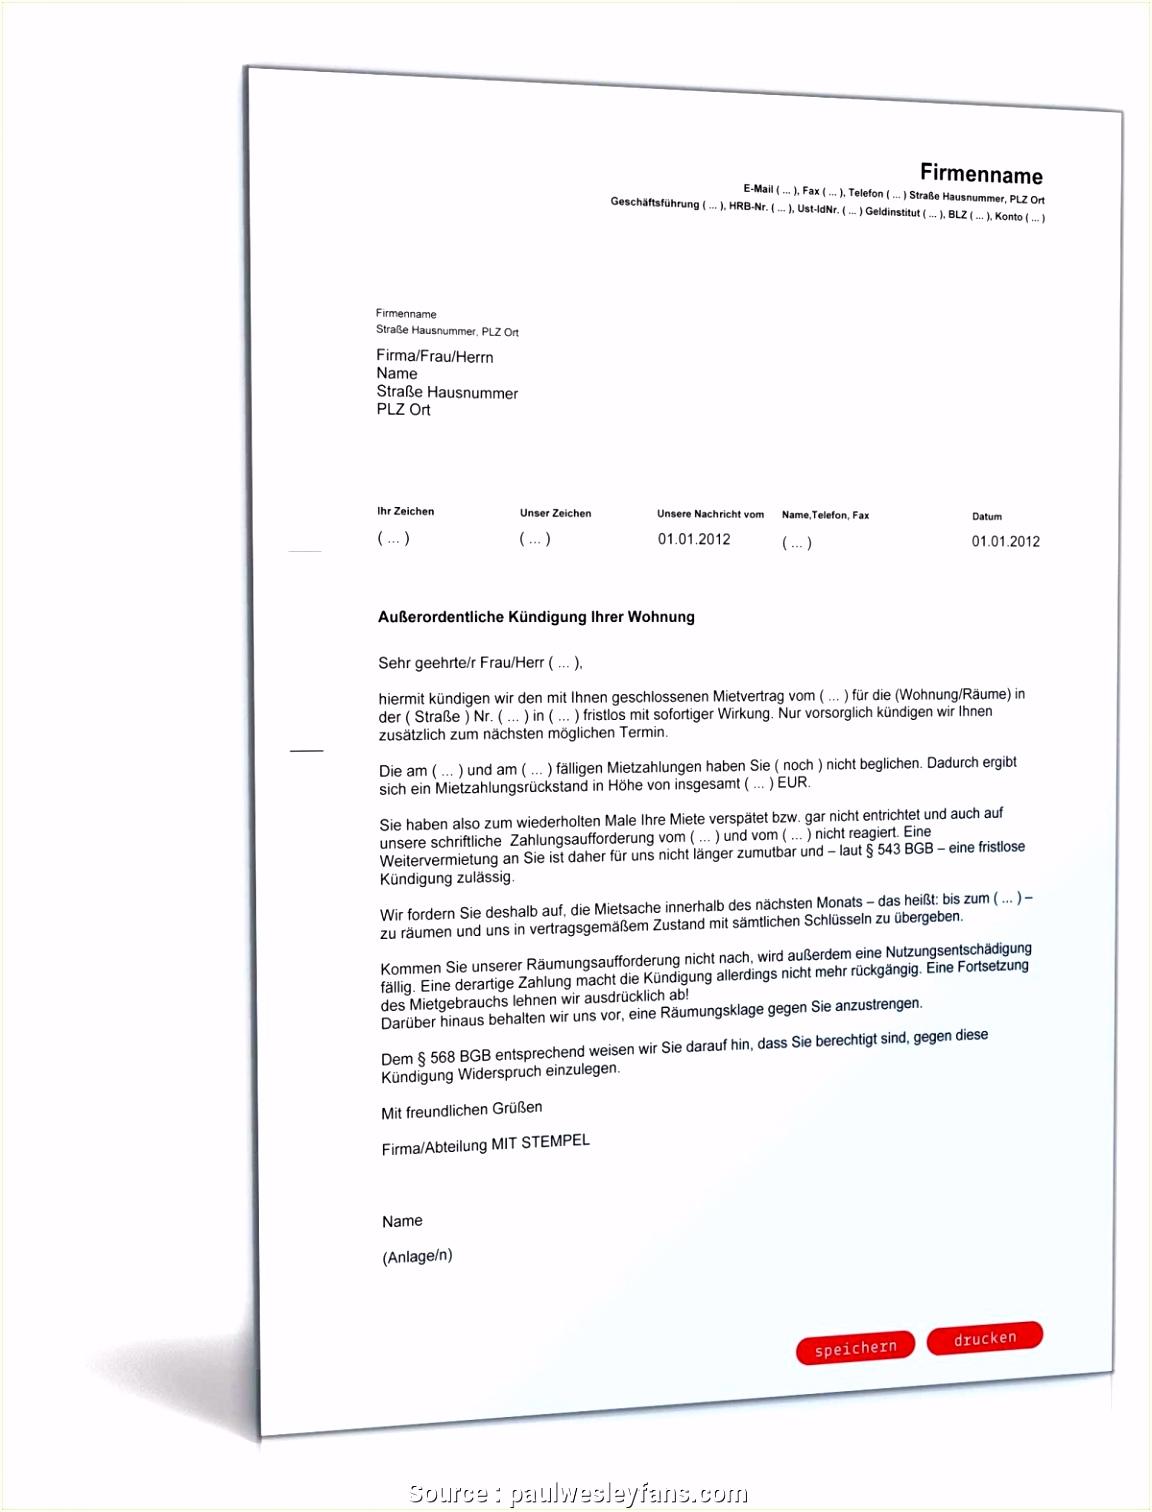 Ausgezeichnet Vorlage Kündigung Versicherung Wegen Verkauf